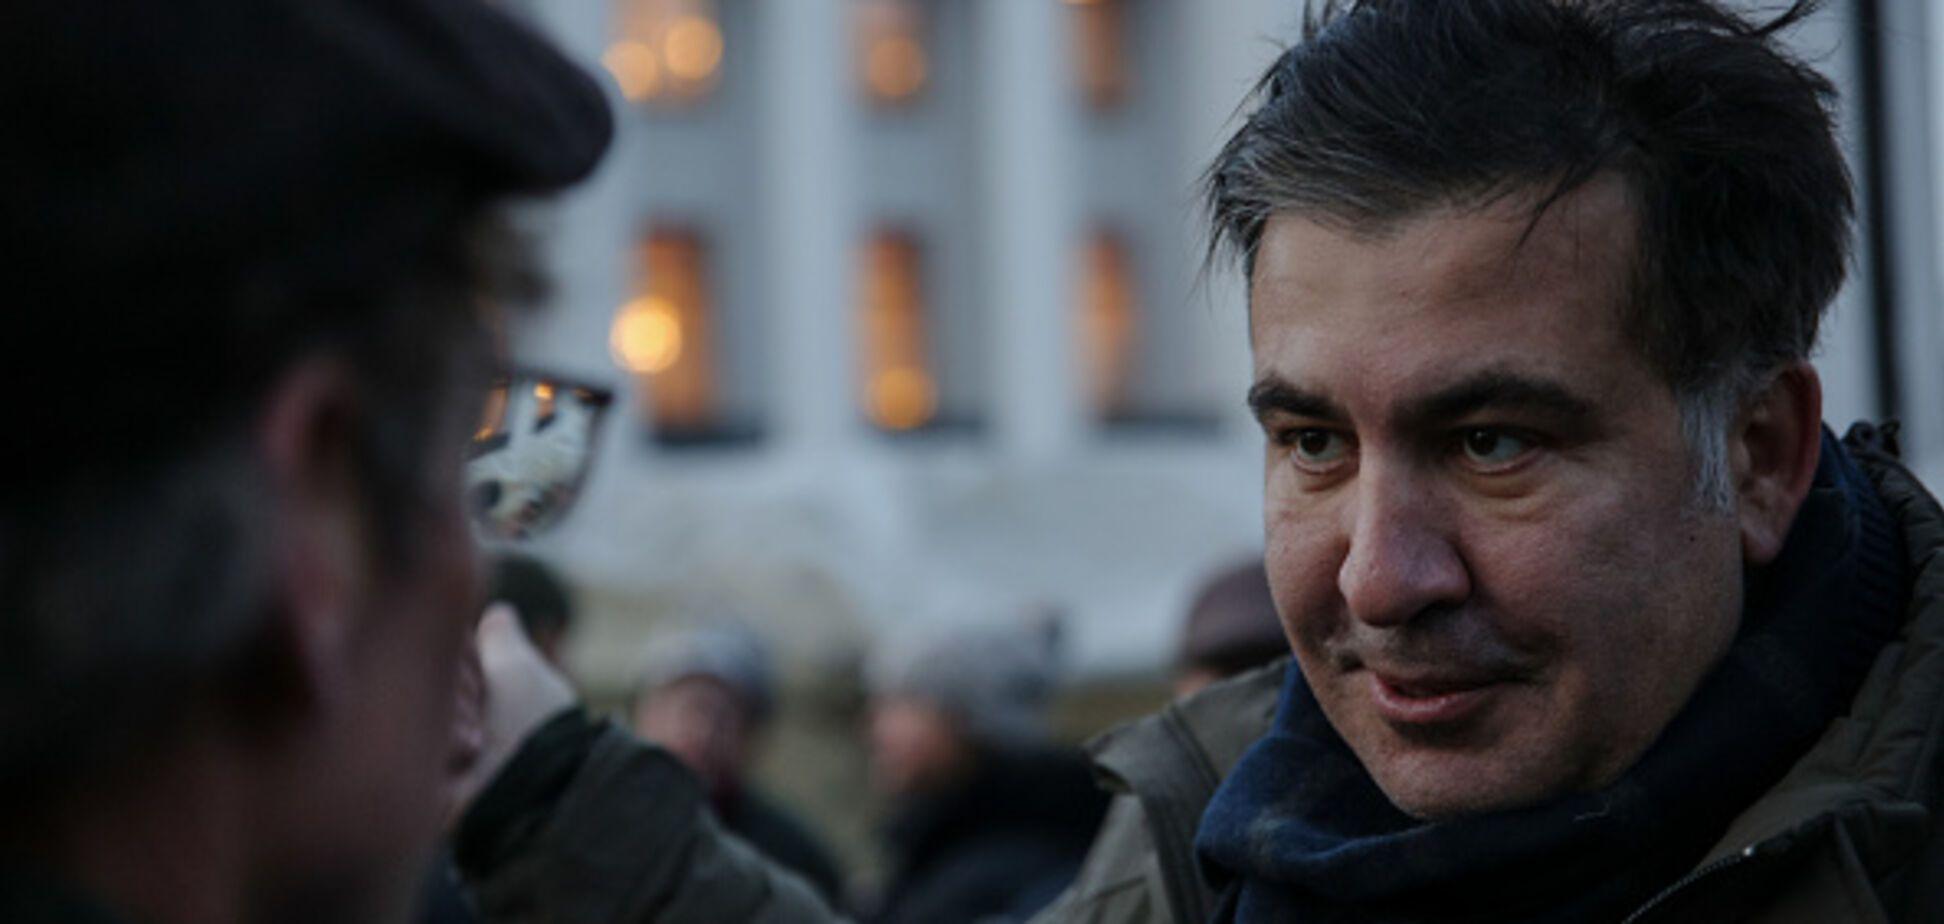 'Неблагодарное дело': Саакашвили принял неожиданное решение по протестам